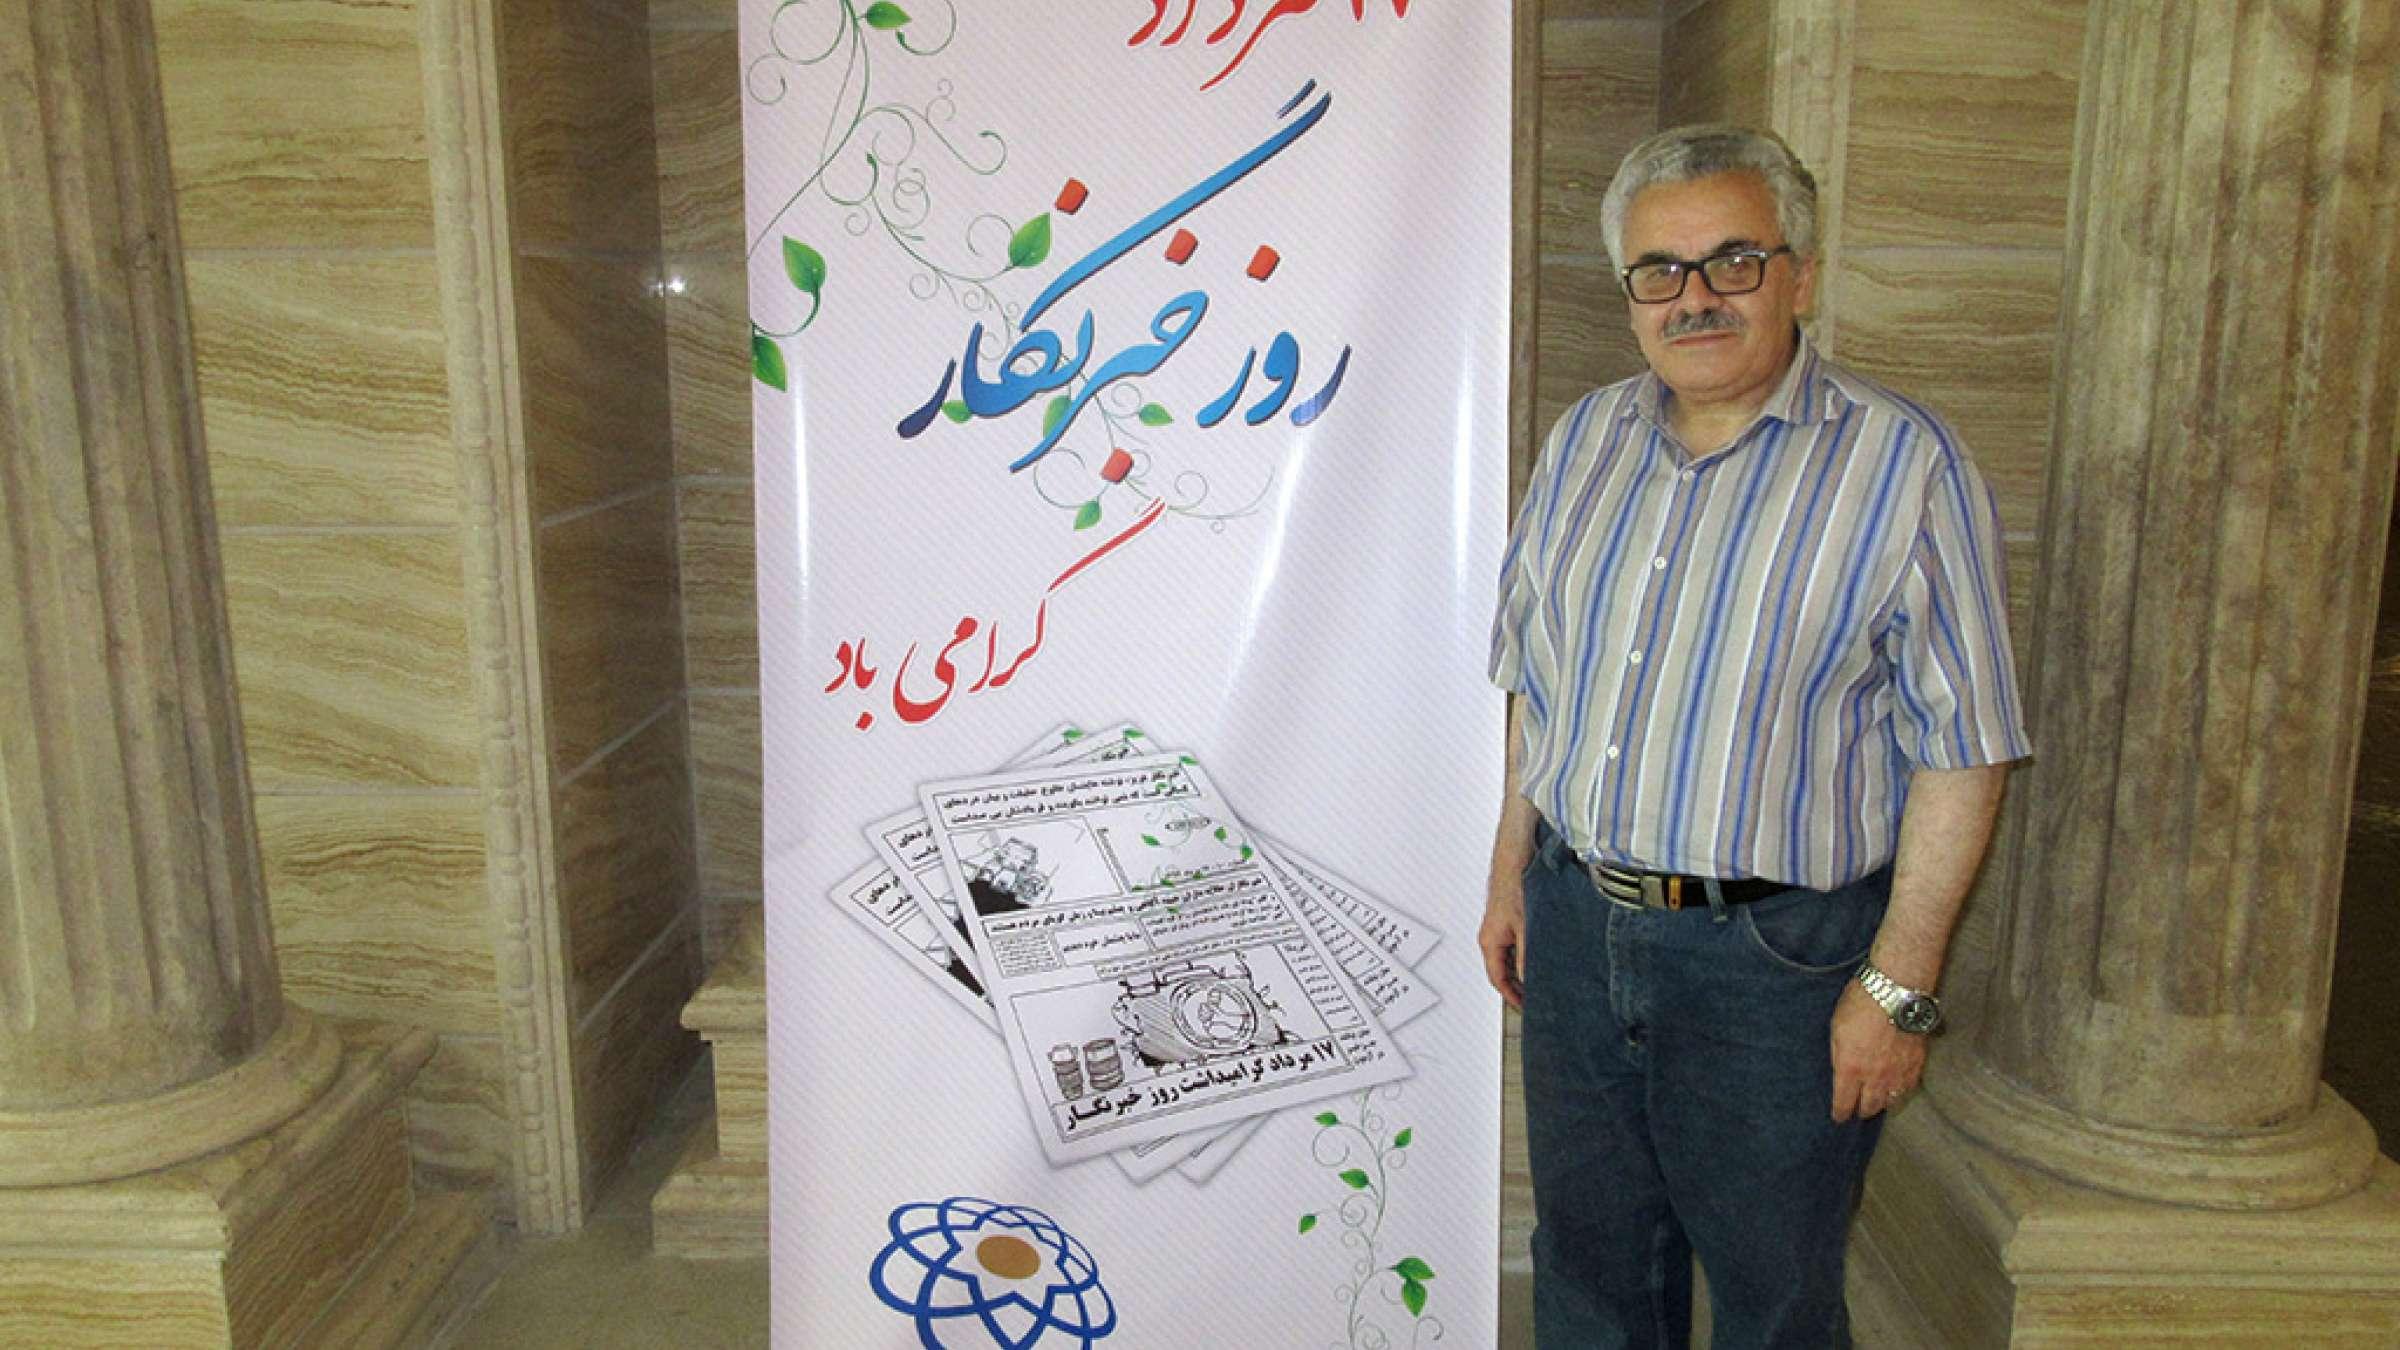 ادبیات-گلمحمدی-تهران-با-ظاهری-زیبا-درونی-ناهنجار-و-جلوههایی-امیدبخش-روز-خبرنگار